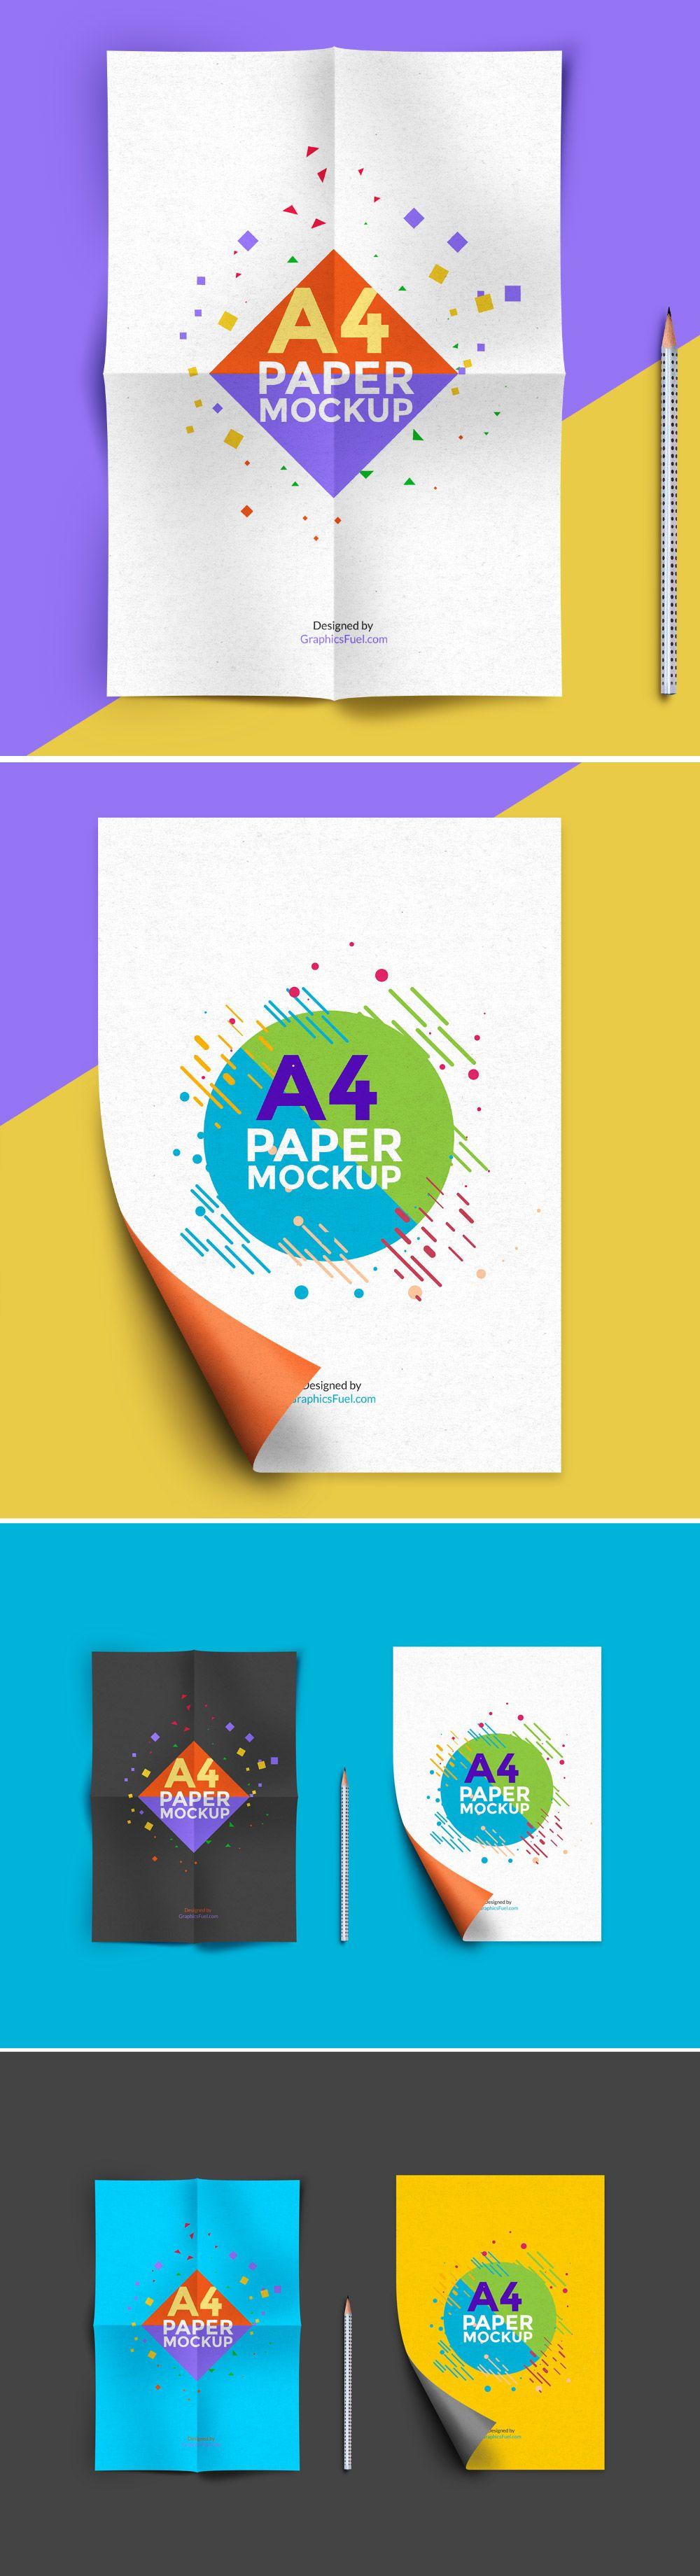 A4 Paper Mockup PSD | Pinterest | Plantillas de papel, Maquetas y ...